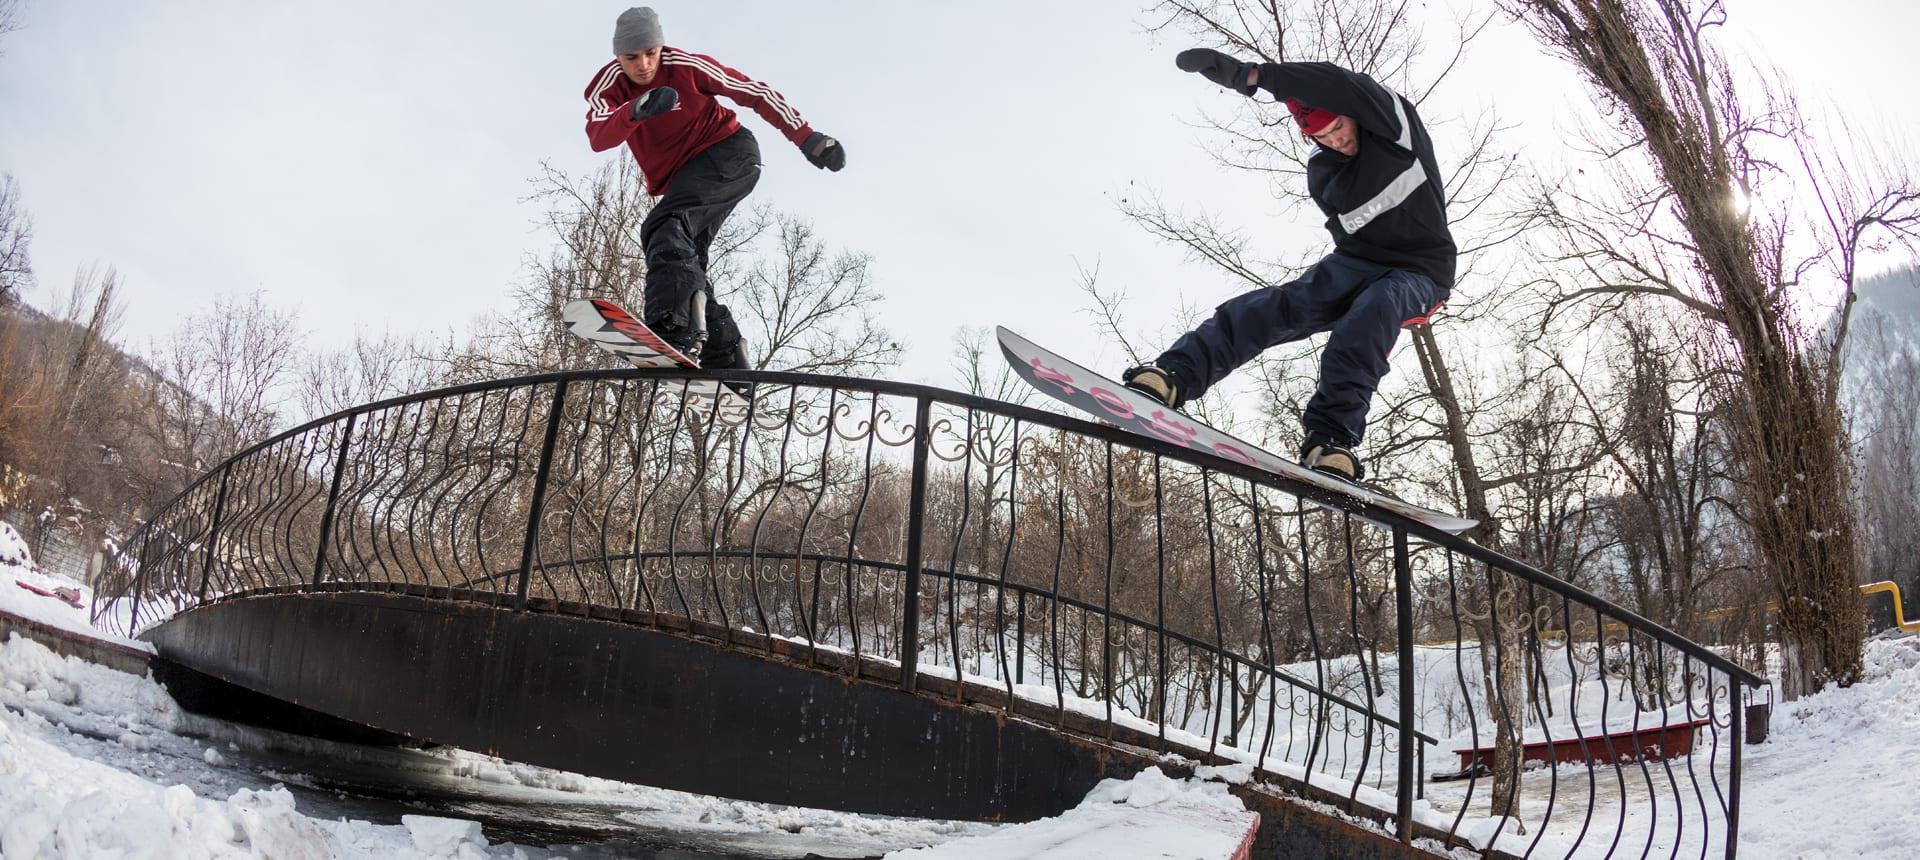 adidas Snowboarding Jackets, Pants, Boots & More | adidas US